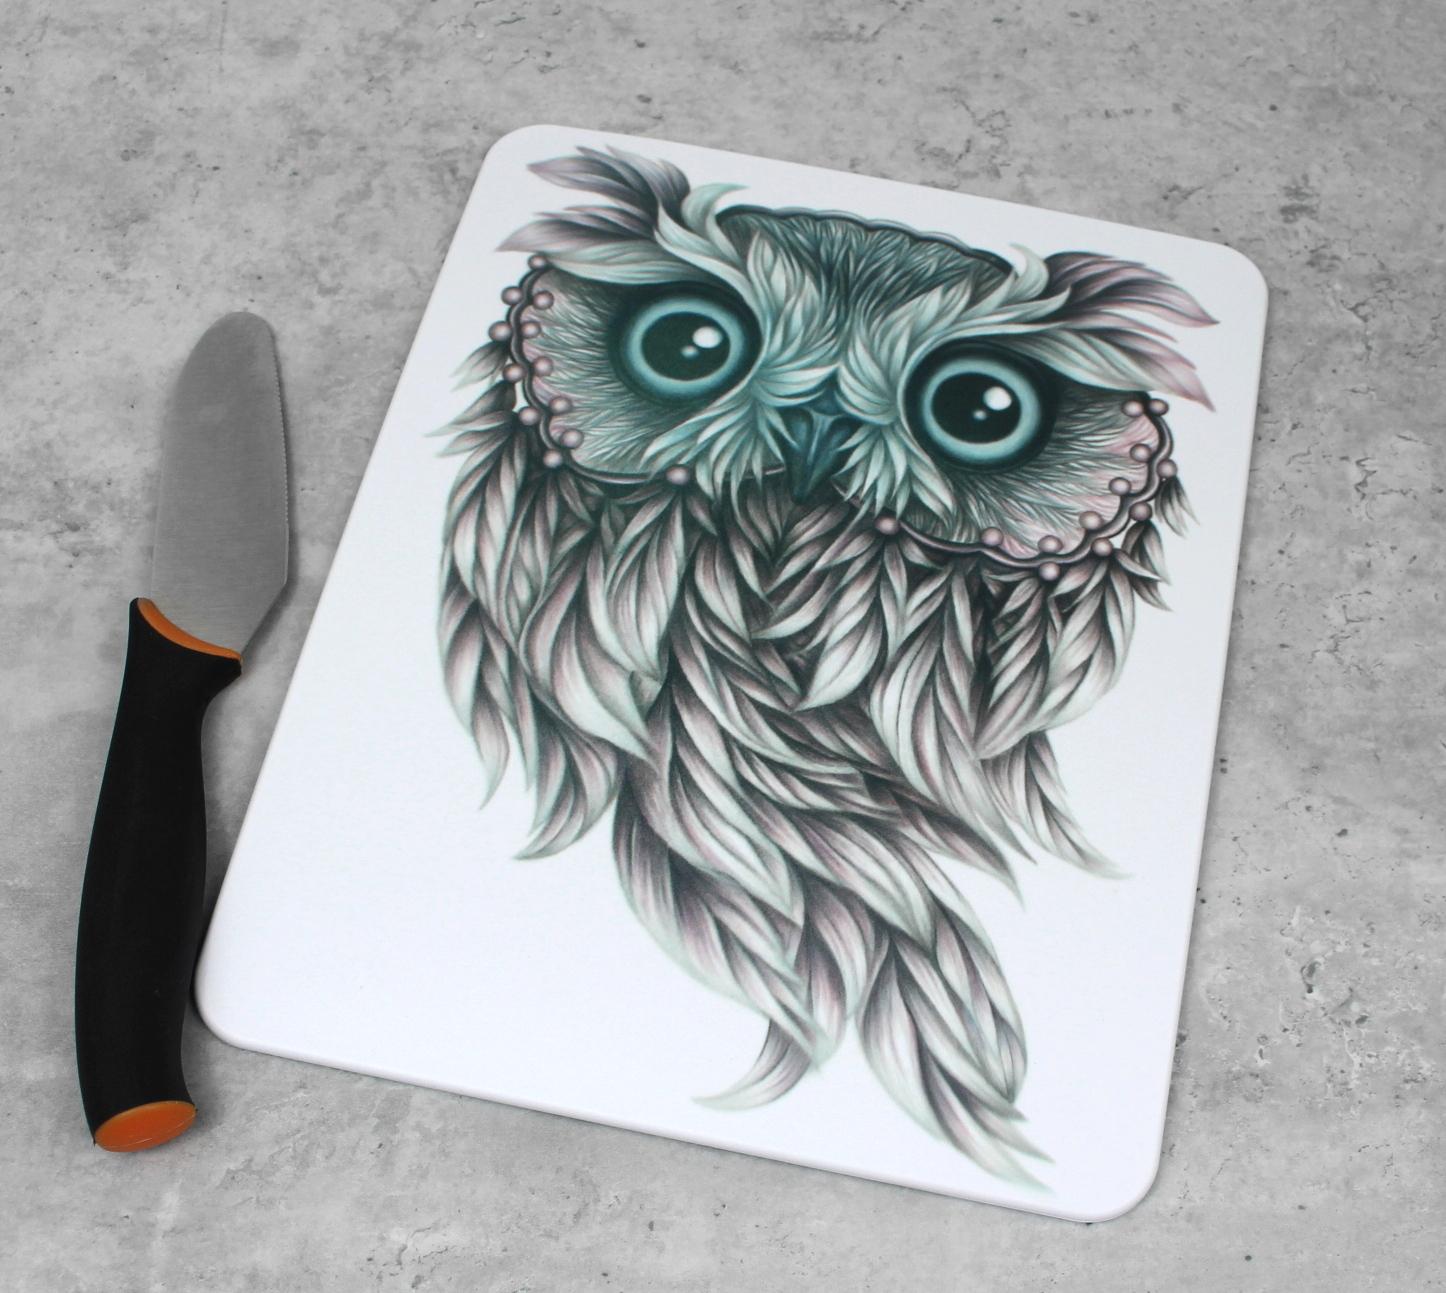 Sulkapöllö -Leikkuulauta